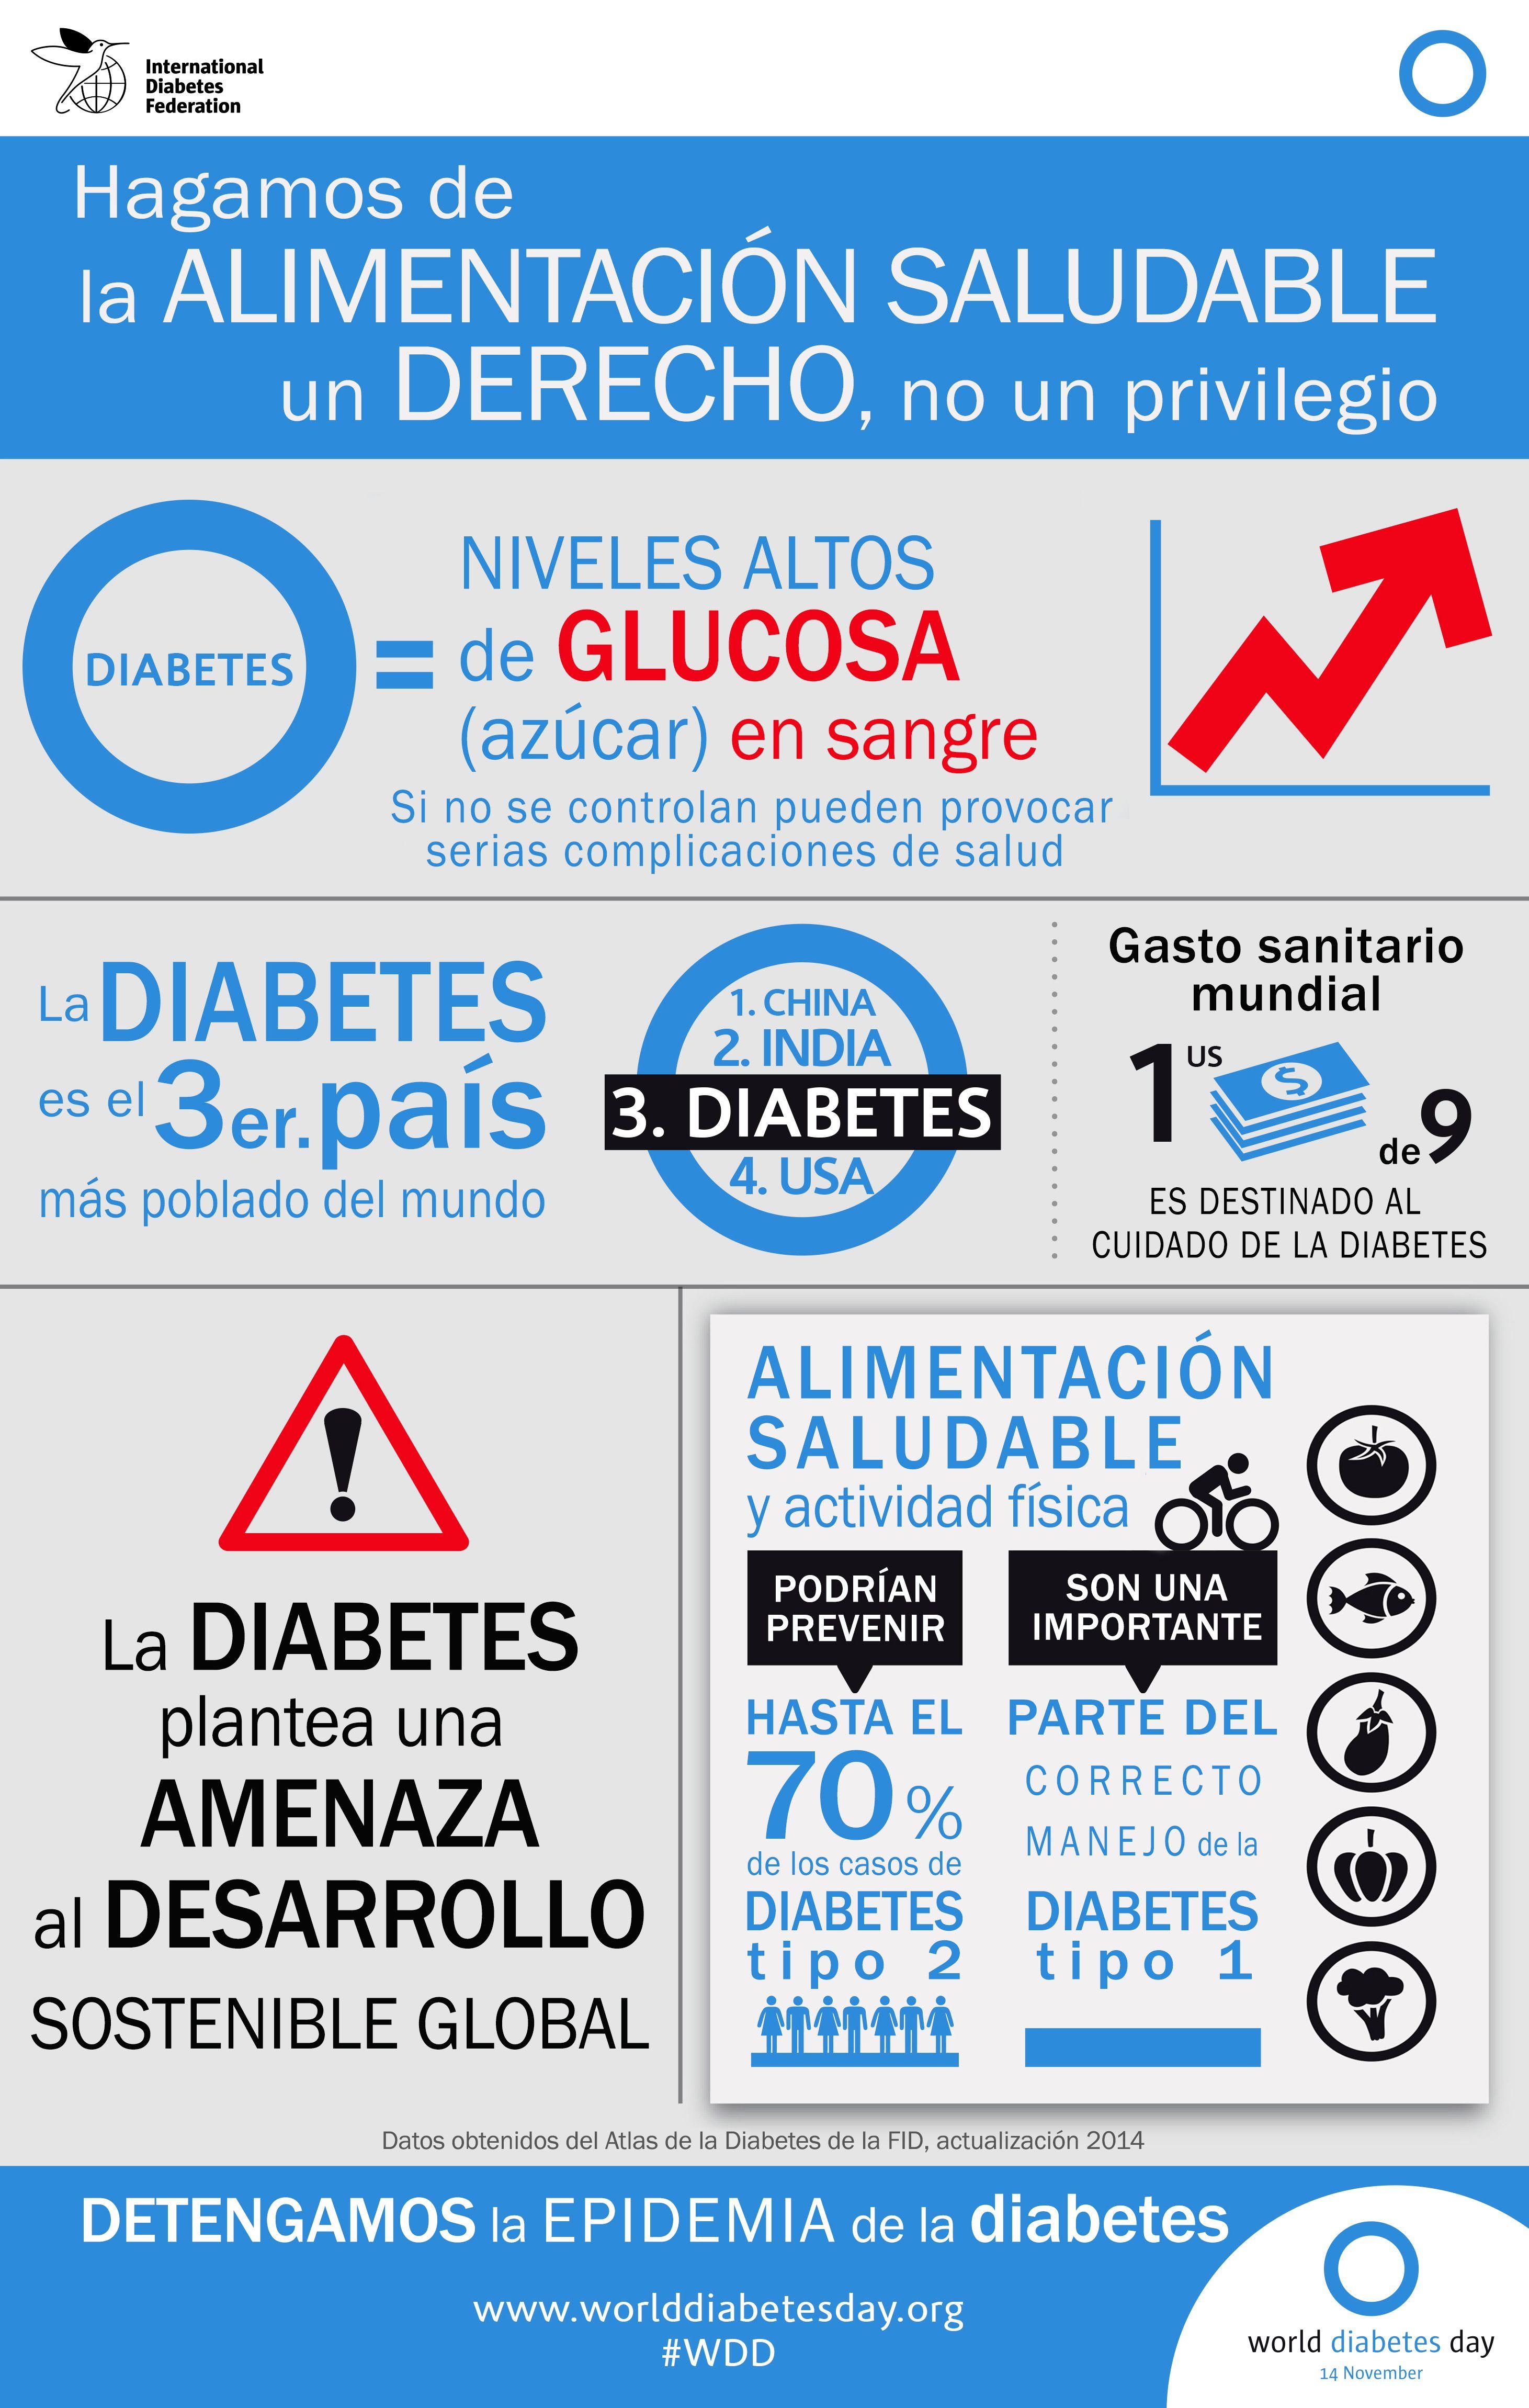 diabetes tipo 1 cura en india